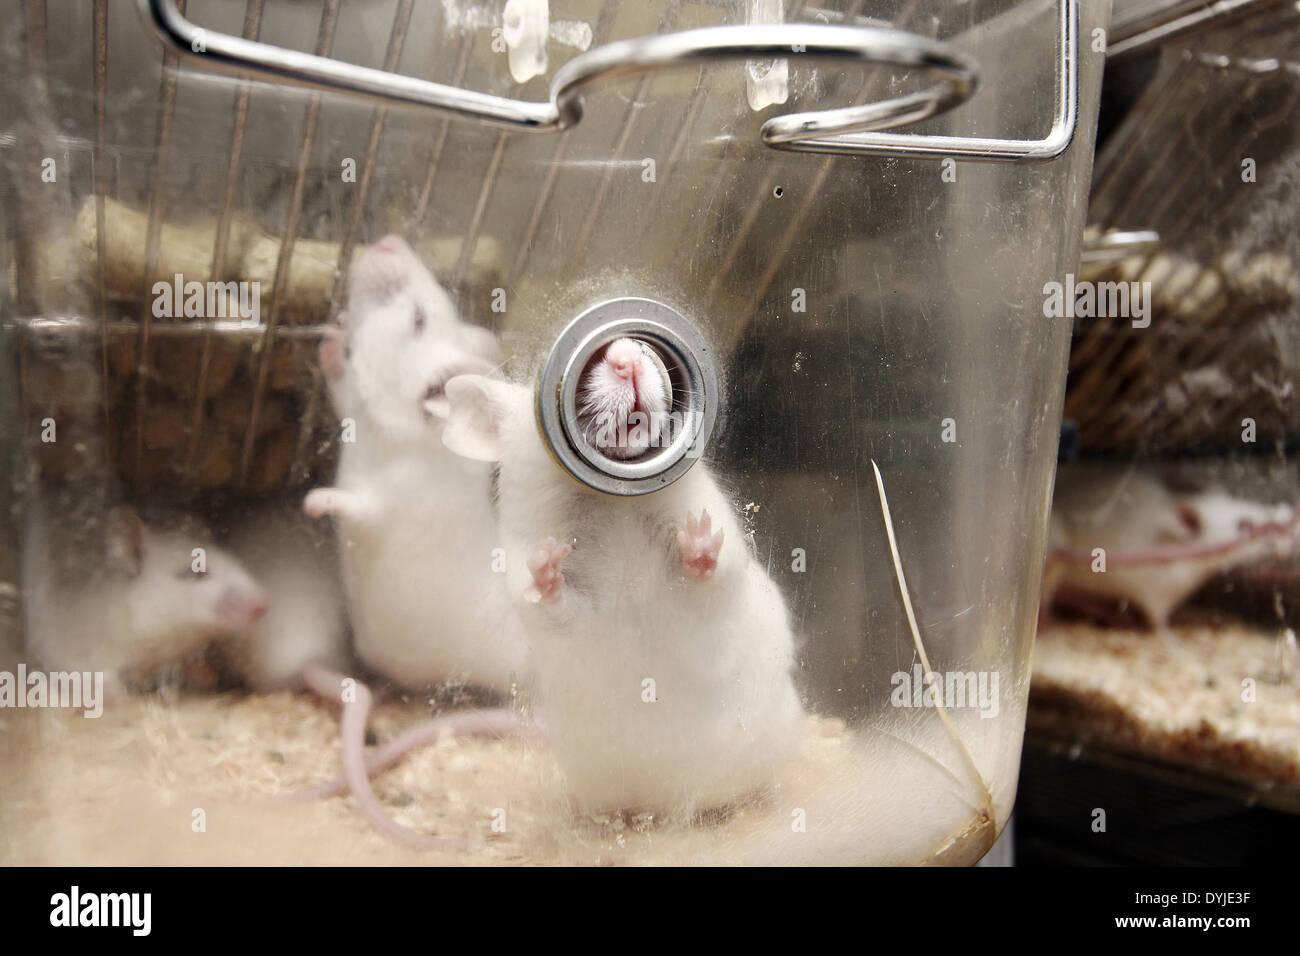 Weiße Ratten in einem Käfig Stockbild